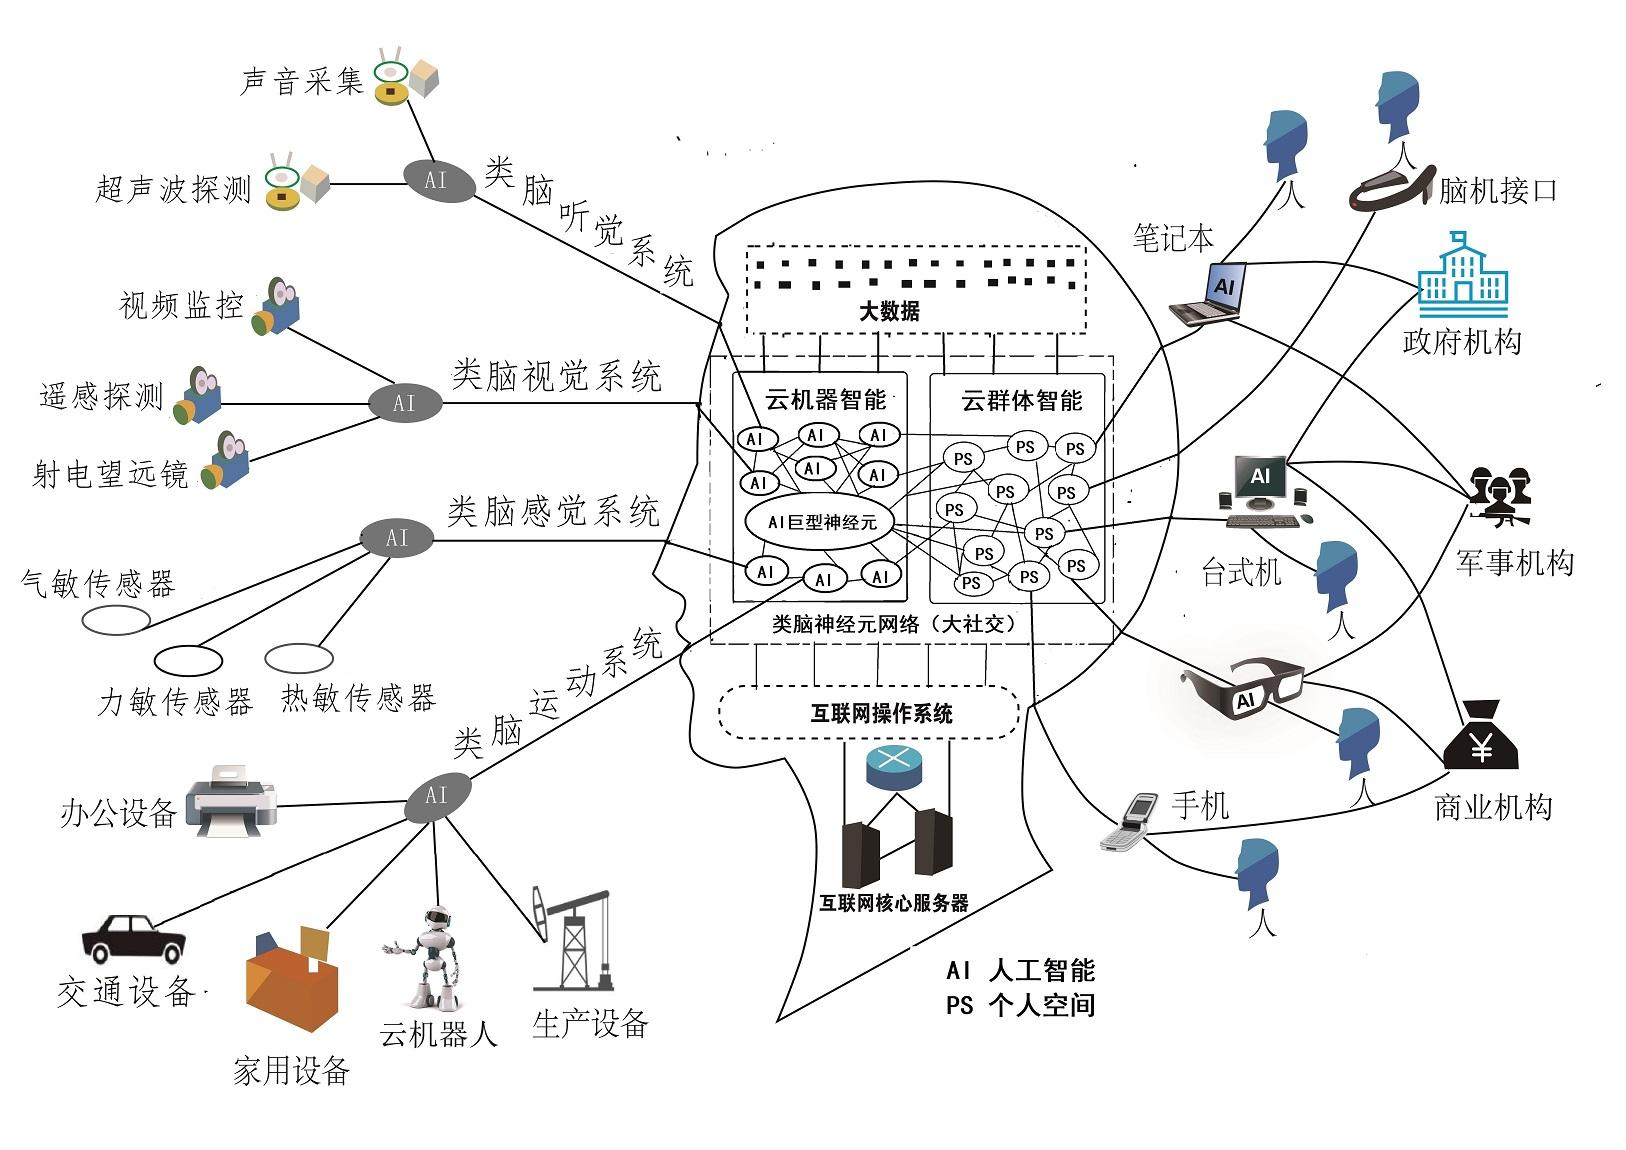 2 互联网大脑模型图-small.jpg